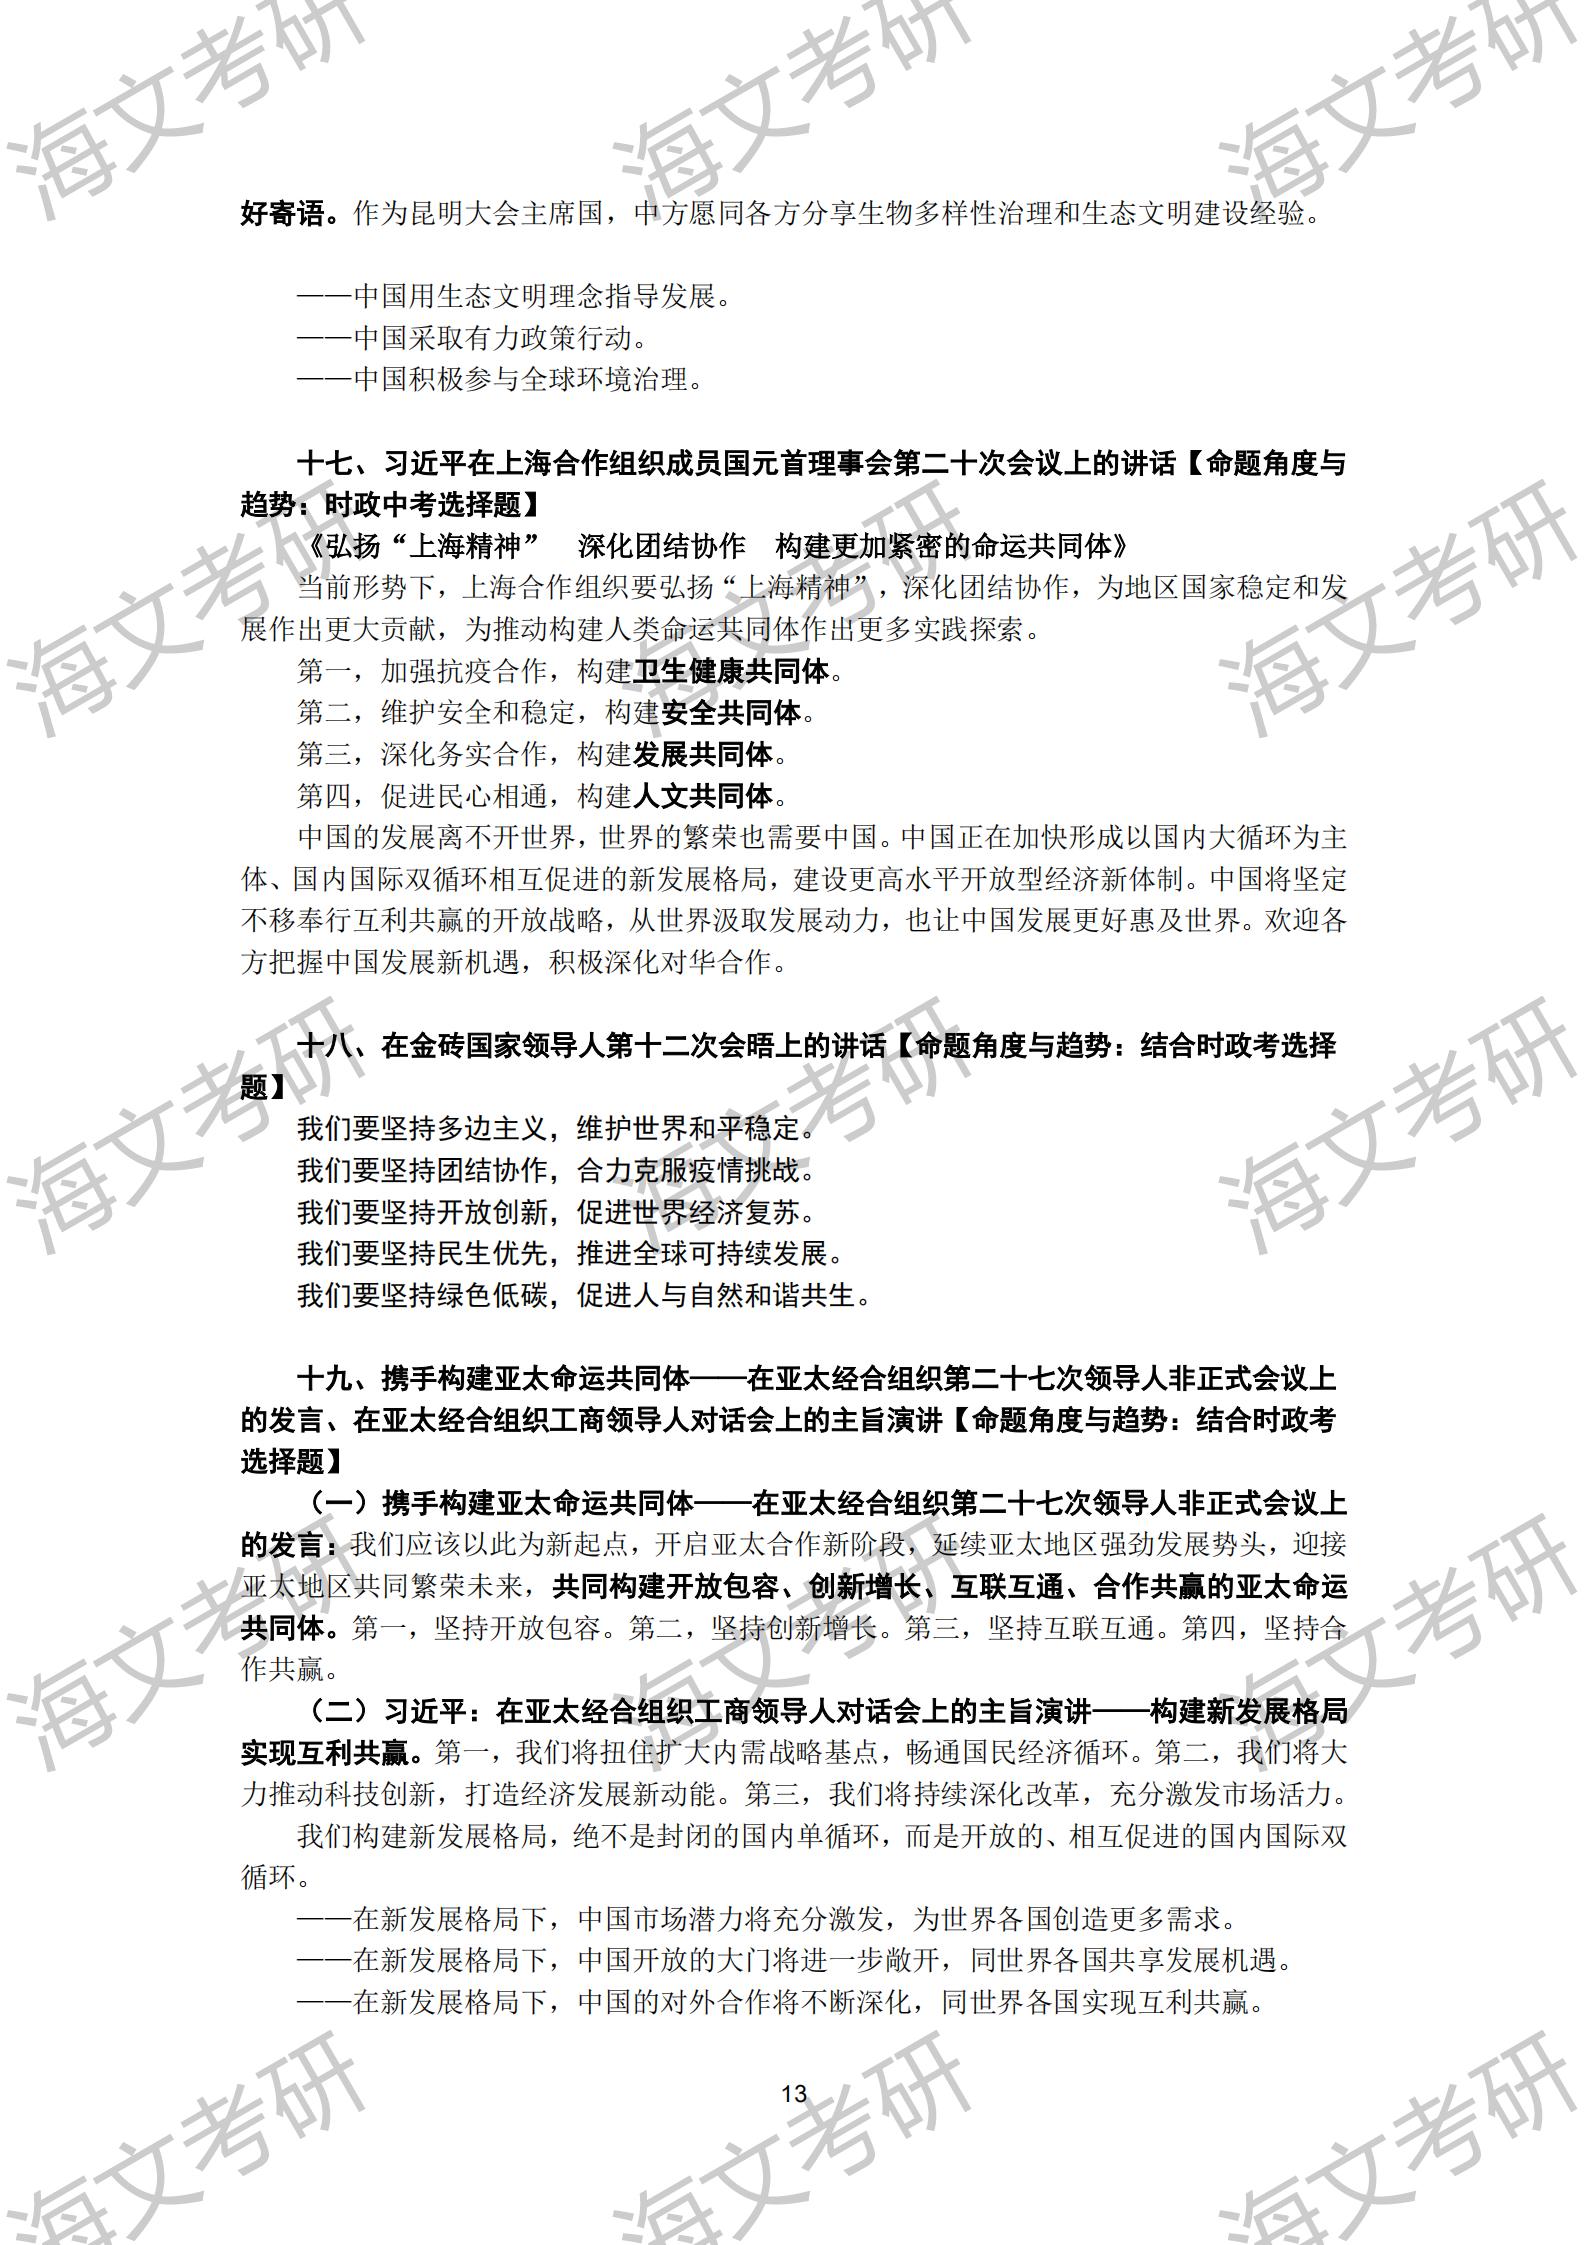 【考研政治】2021考研政治考前必背(用于冲刺全科)_12.png